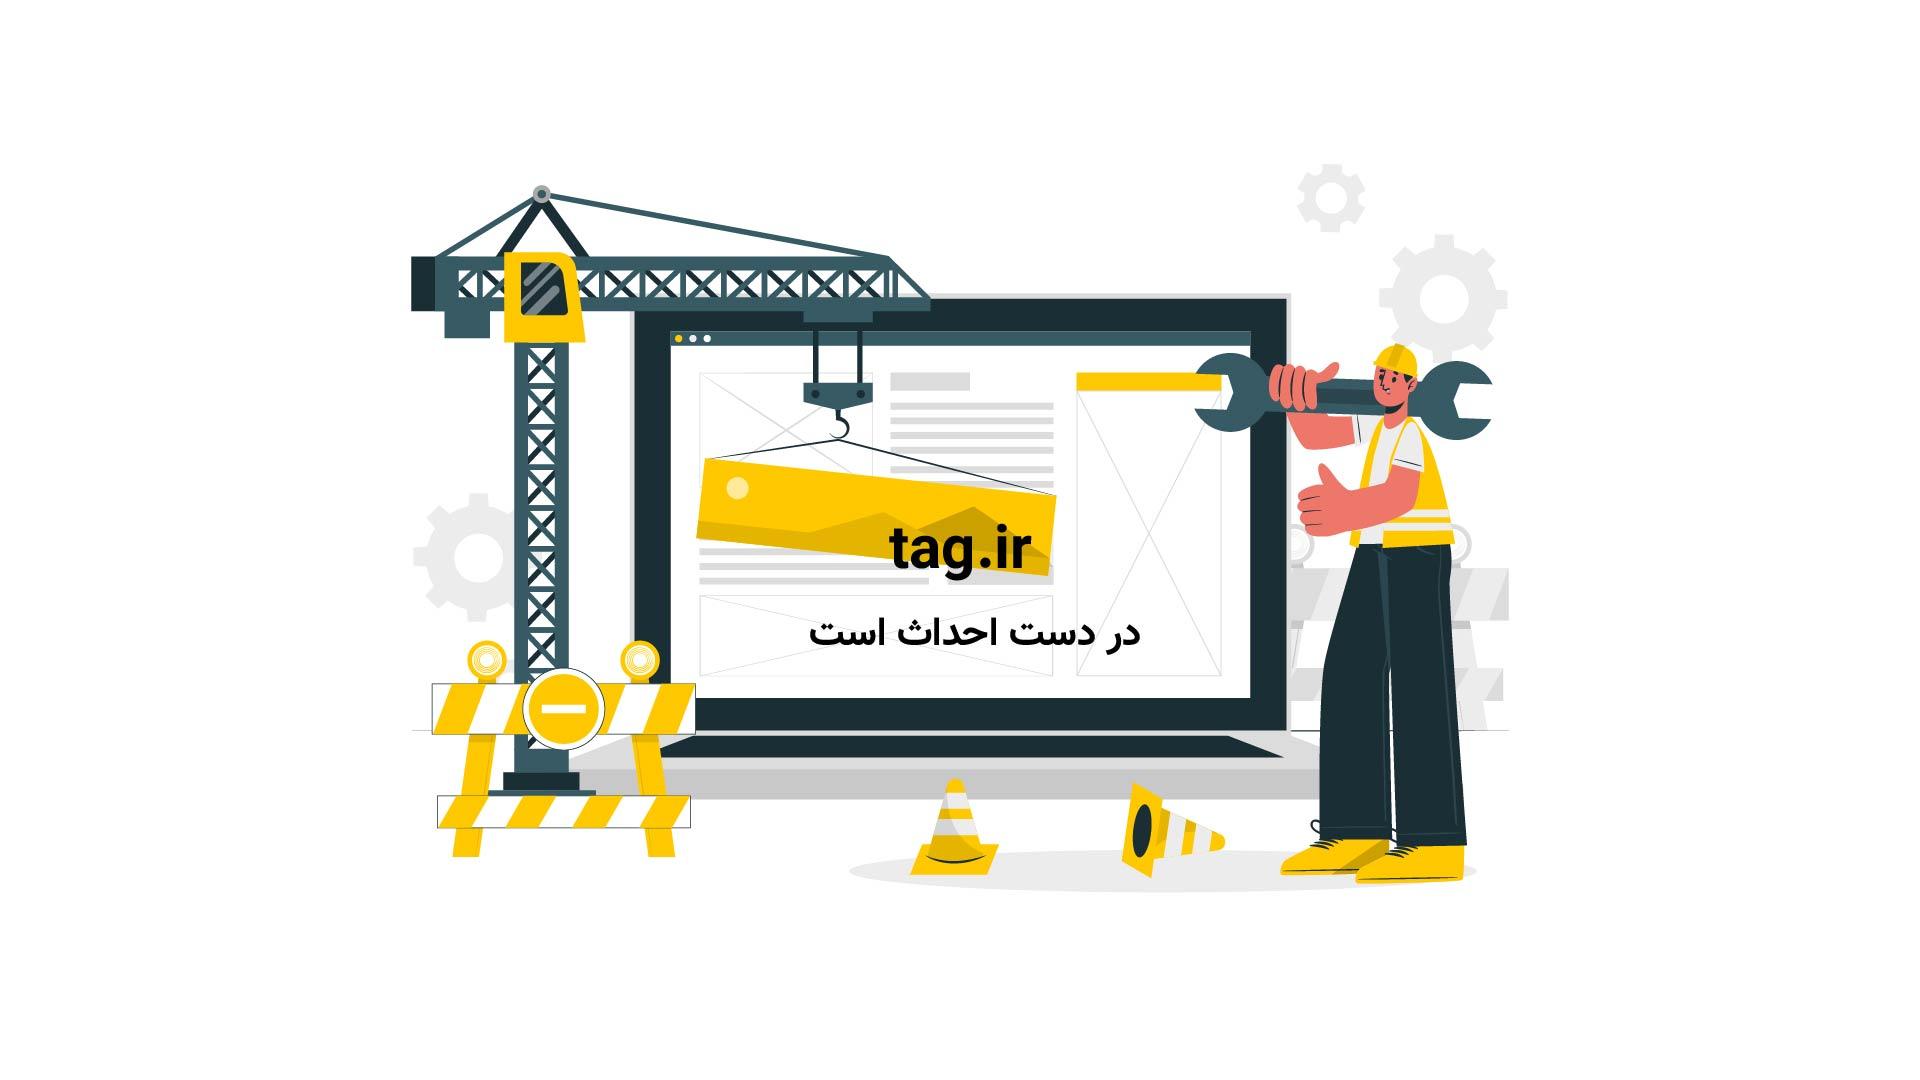 عناوین روزنامههای صبح چهارشنبه 18 مرداد | فیلم